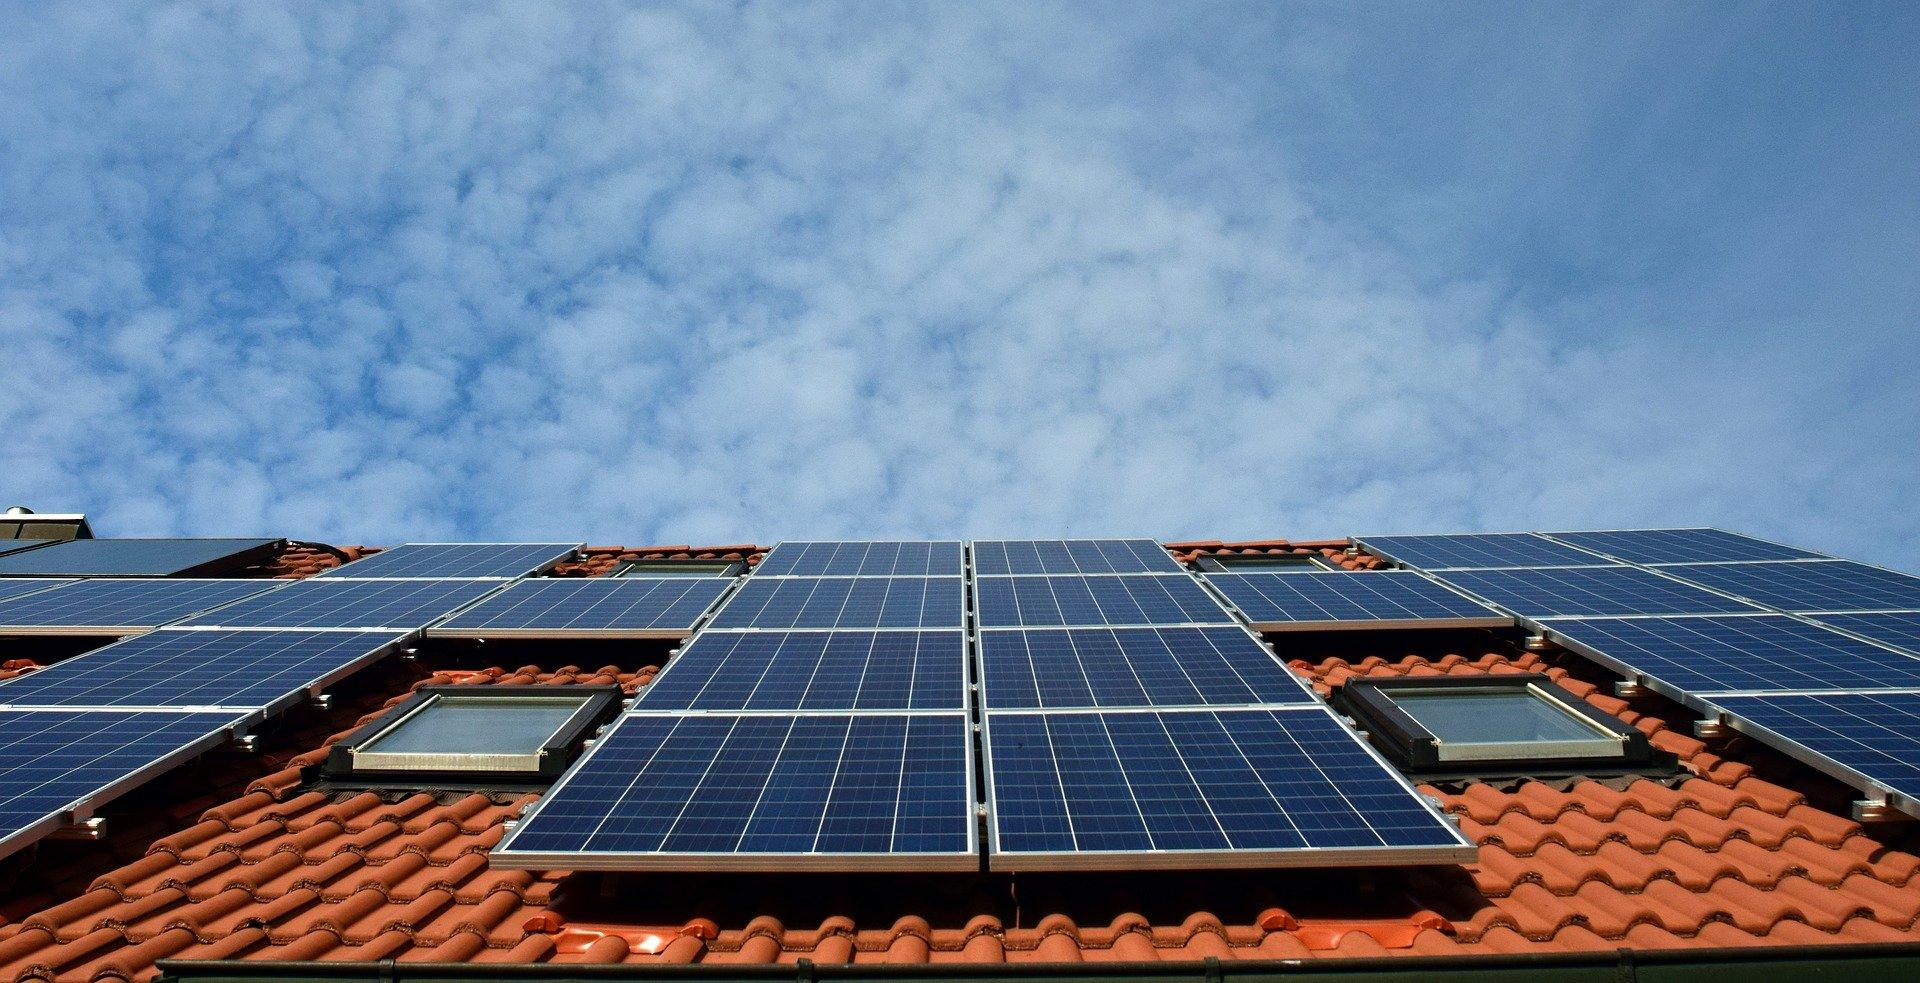 Solarenergie: Lohnt sich der Umstieg?